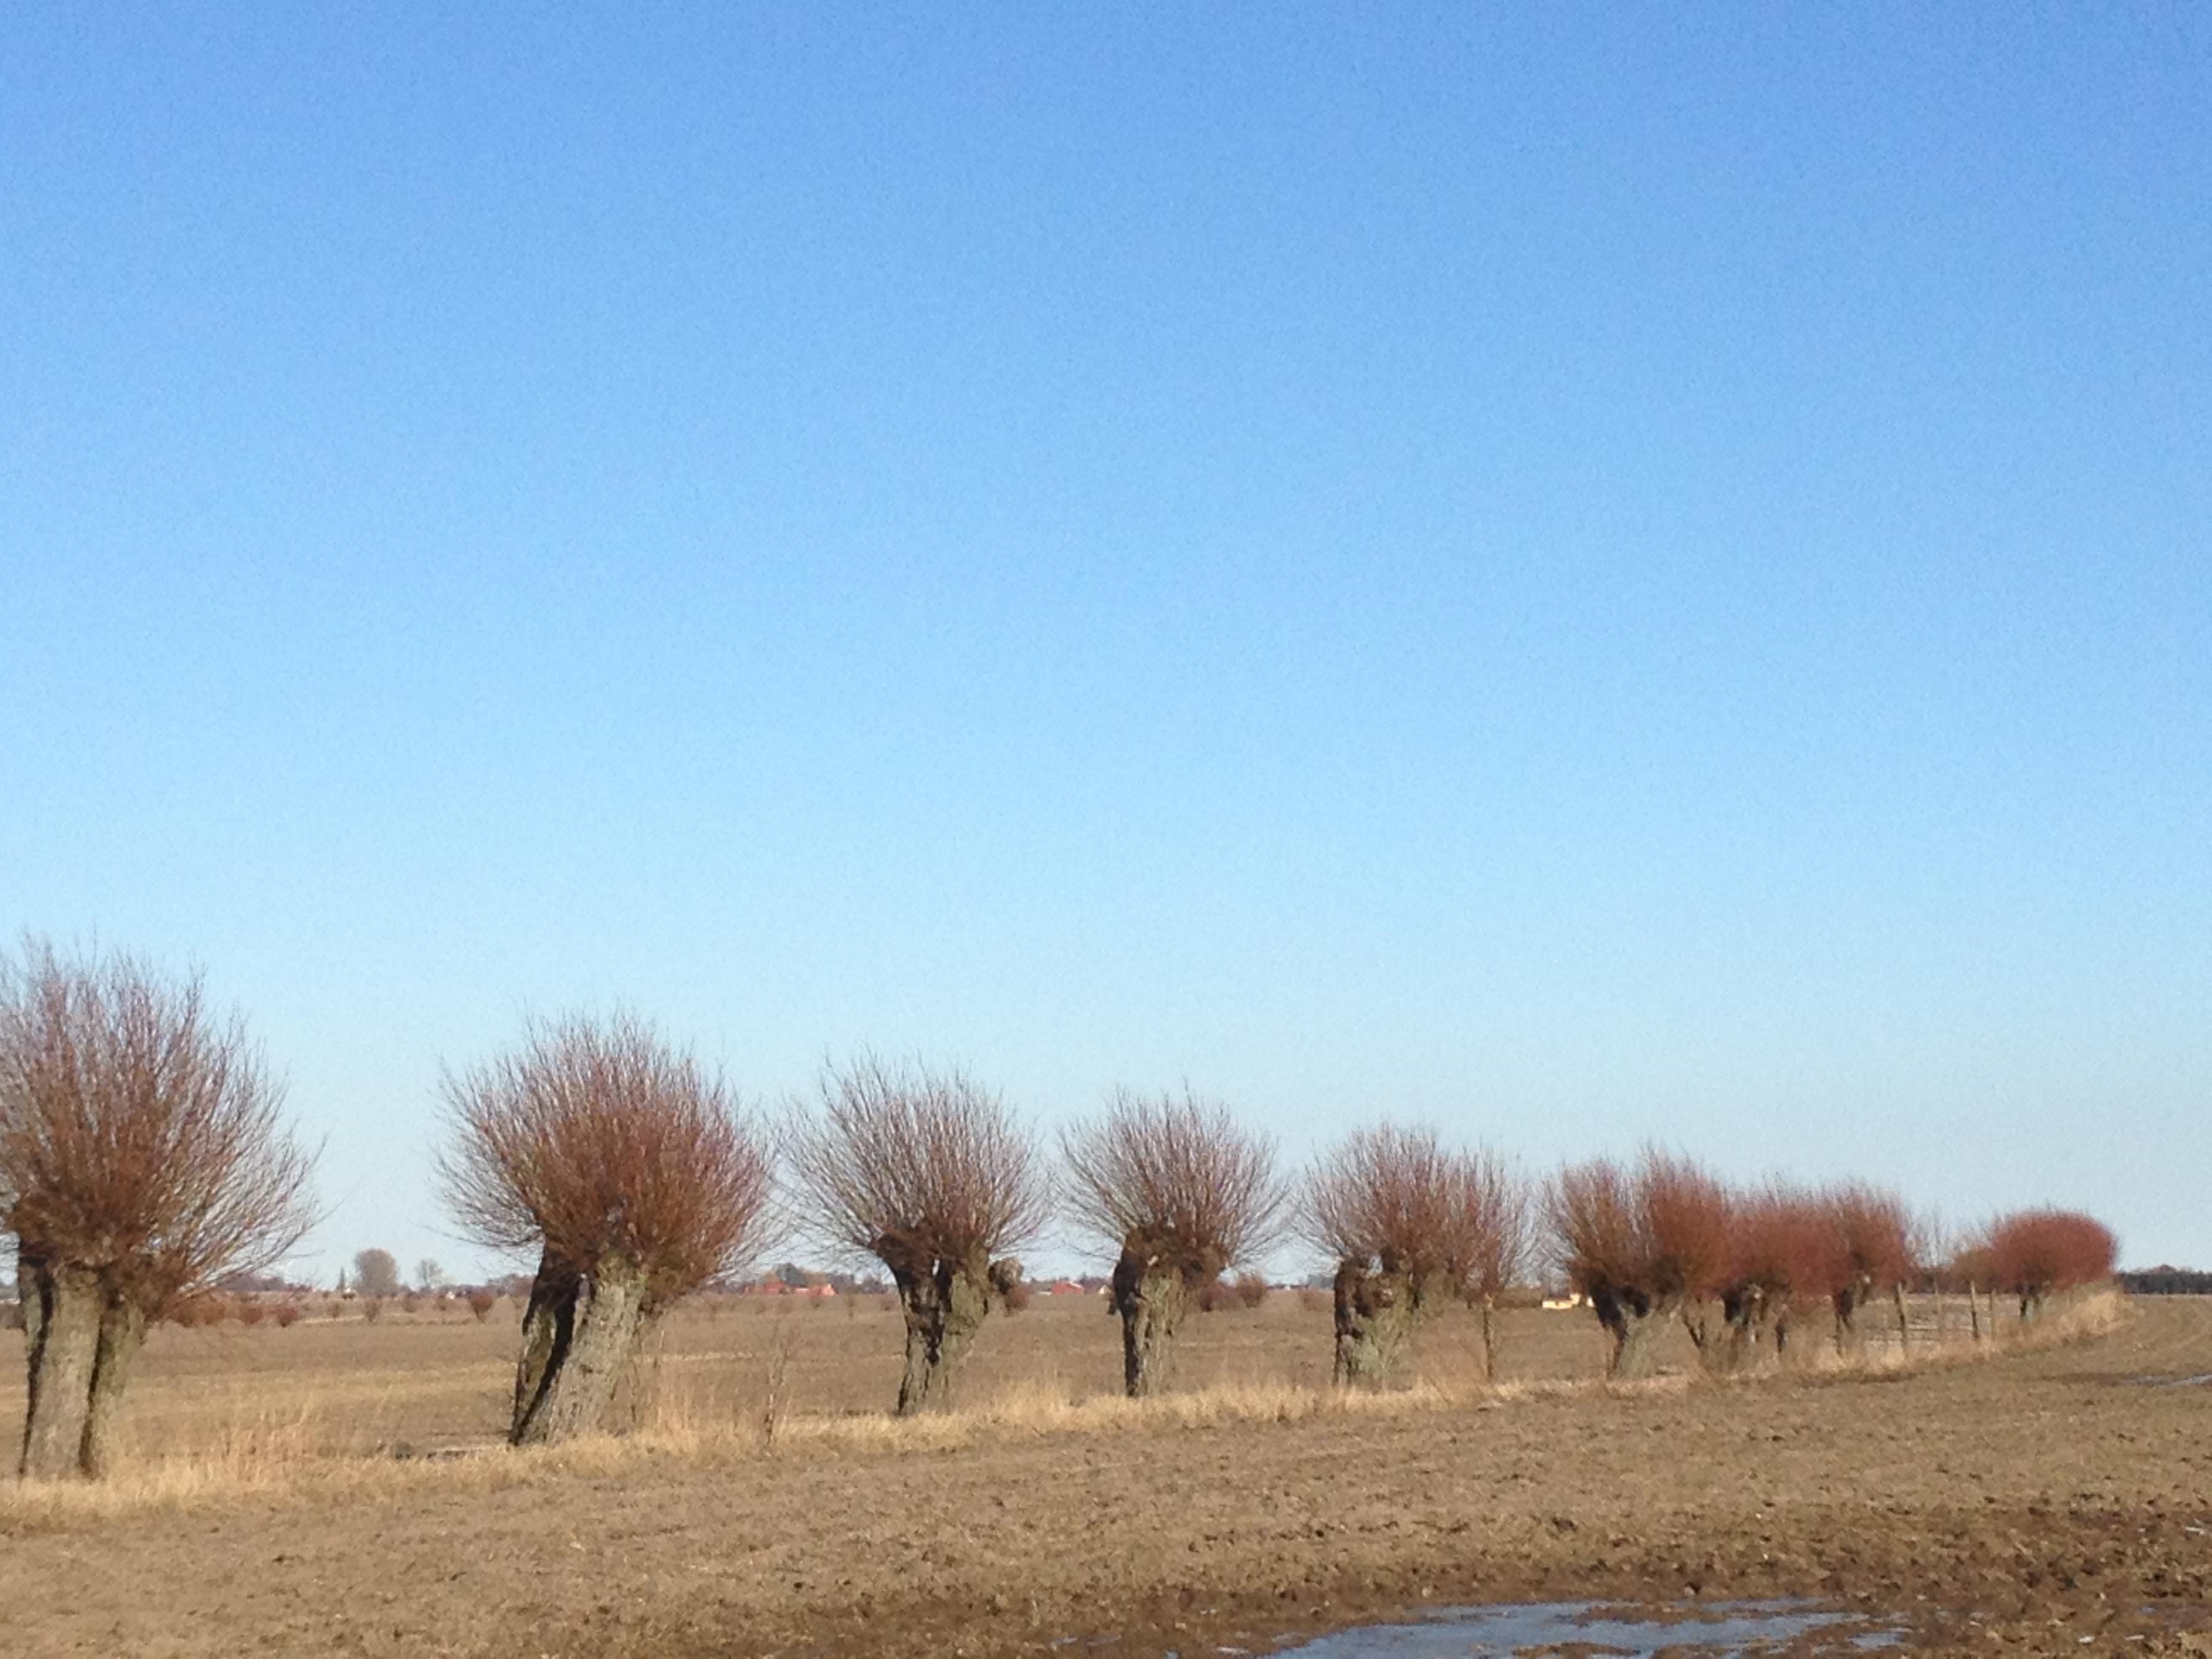 デスクトップ壁紙 風景 フィールド ファーム 地平線 草原 木